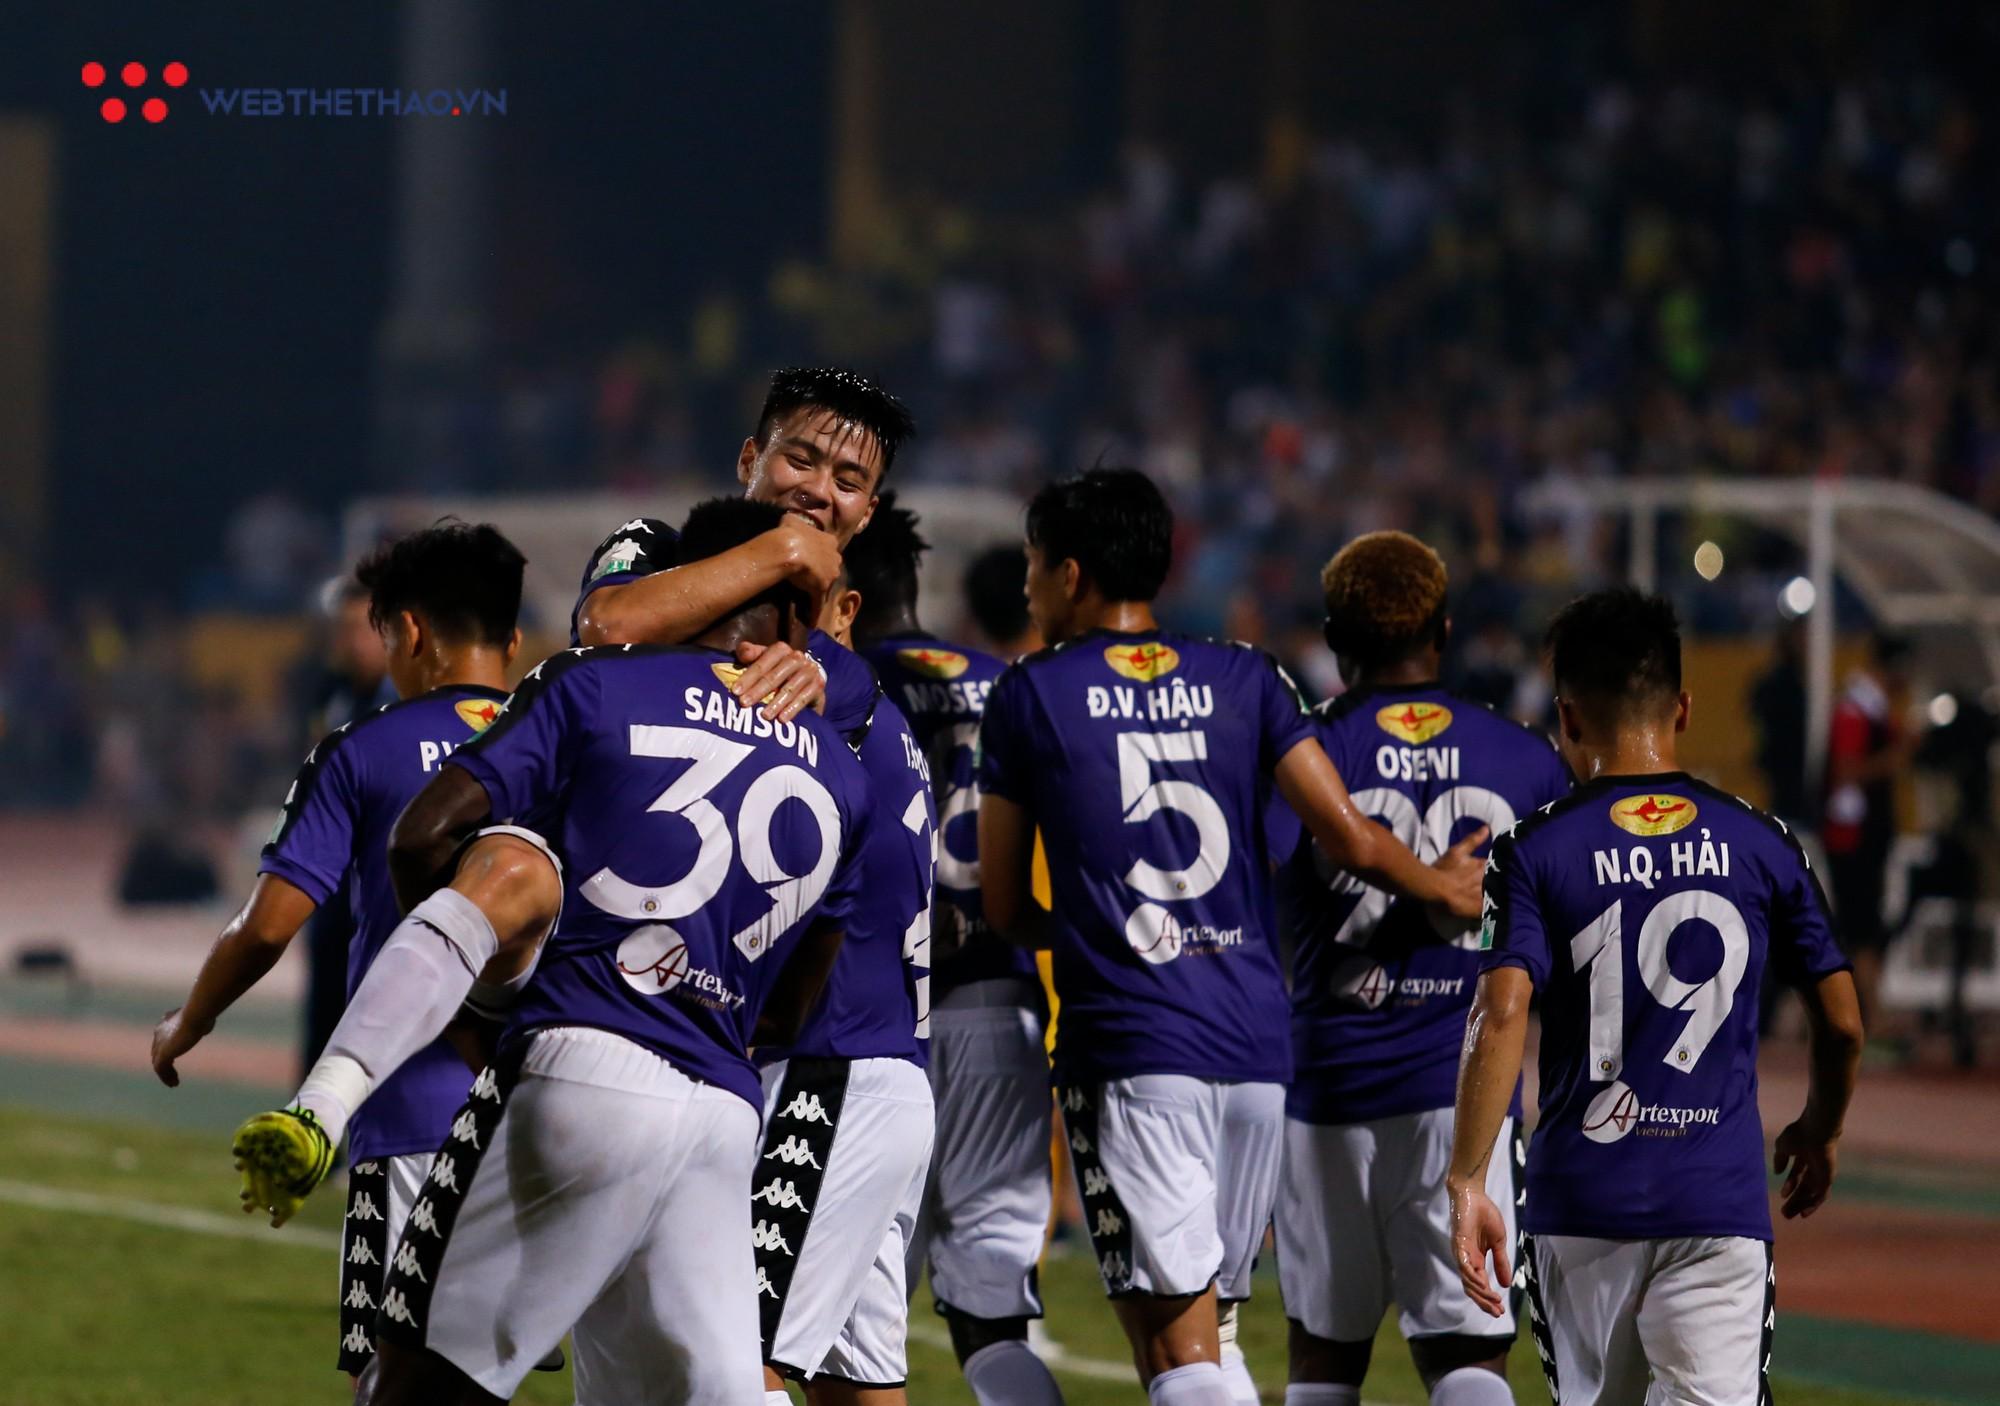 HLV trưởng Hà Nội FC: Chúng tôi không buông xuôi 5 trận còn lại dù đã vô địch - Ảnh 3.